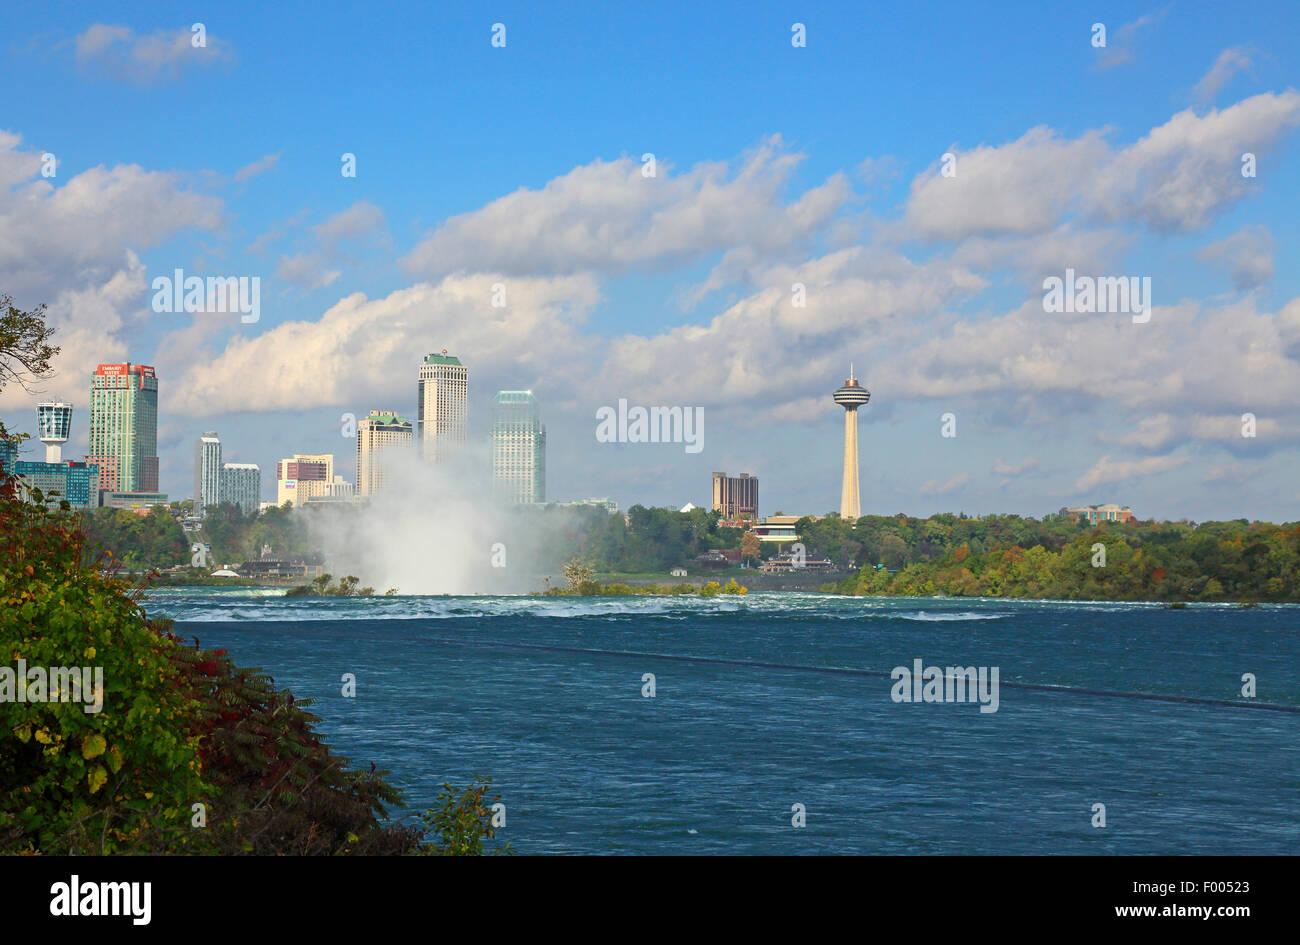 Las Cataratas del Niágara, el rocío del mar en la naciente, Niagara, Ontario, Canadá Imagen De Stock